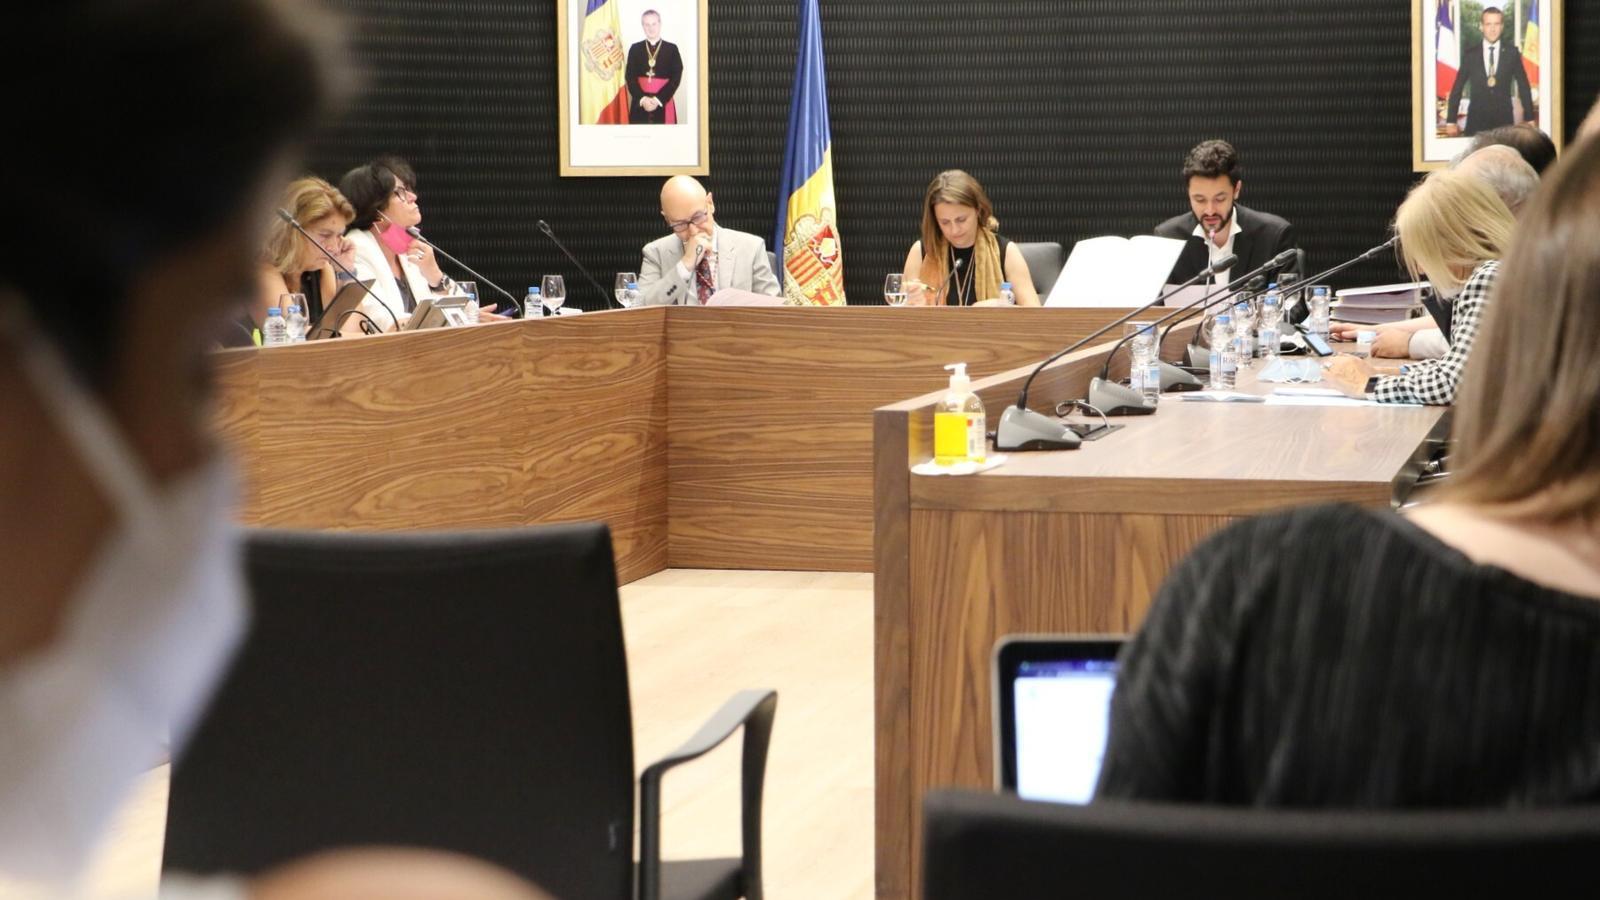 Periodistes seguint la darrera sessió de consell del comú d'Escaldes-Engordany